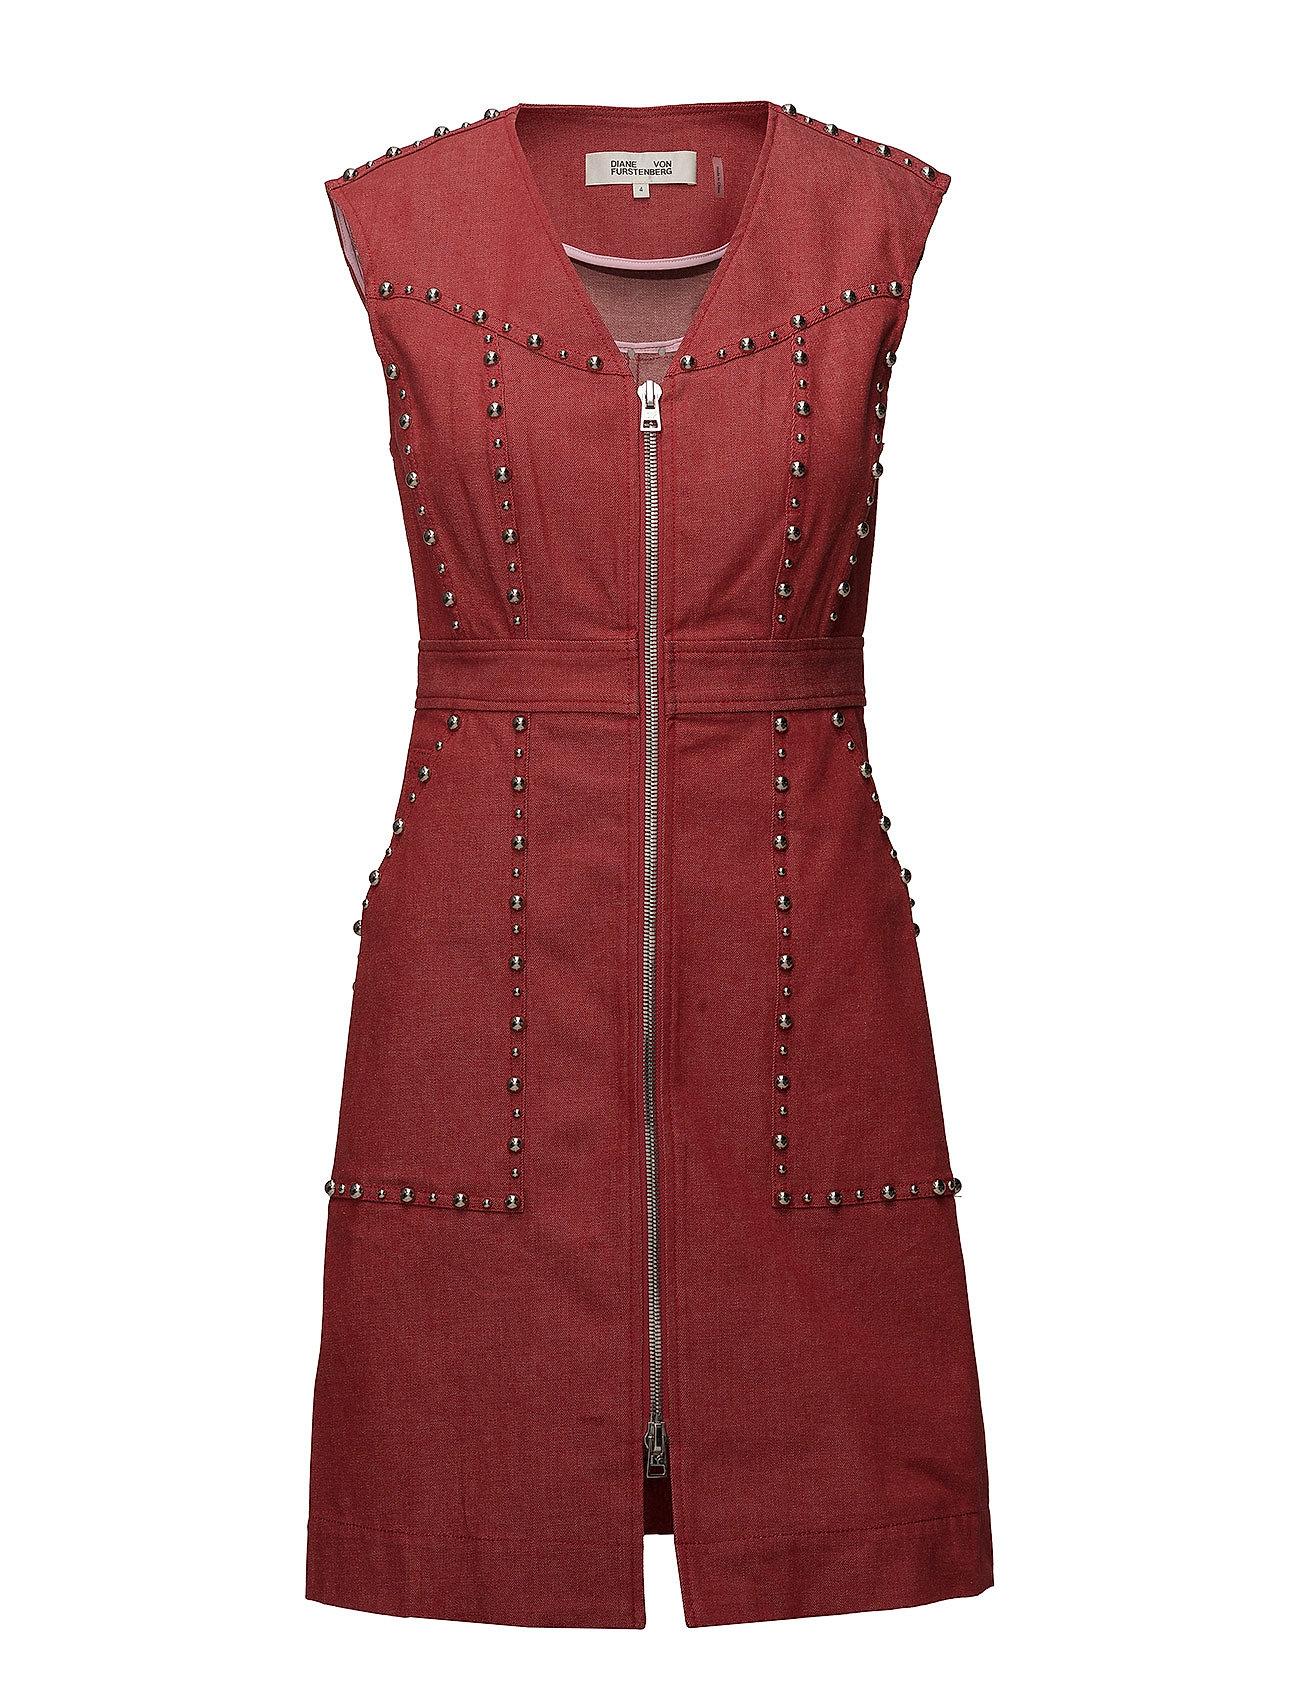 Zip Front Sheath Dress - Diane von Furstenberg